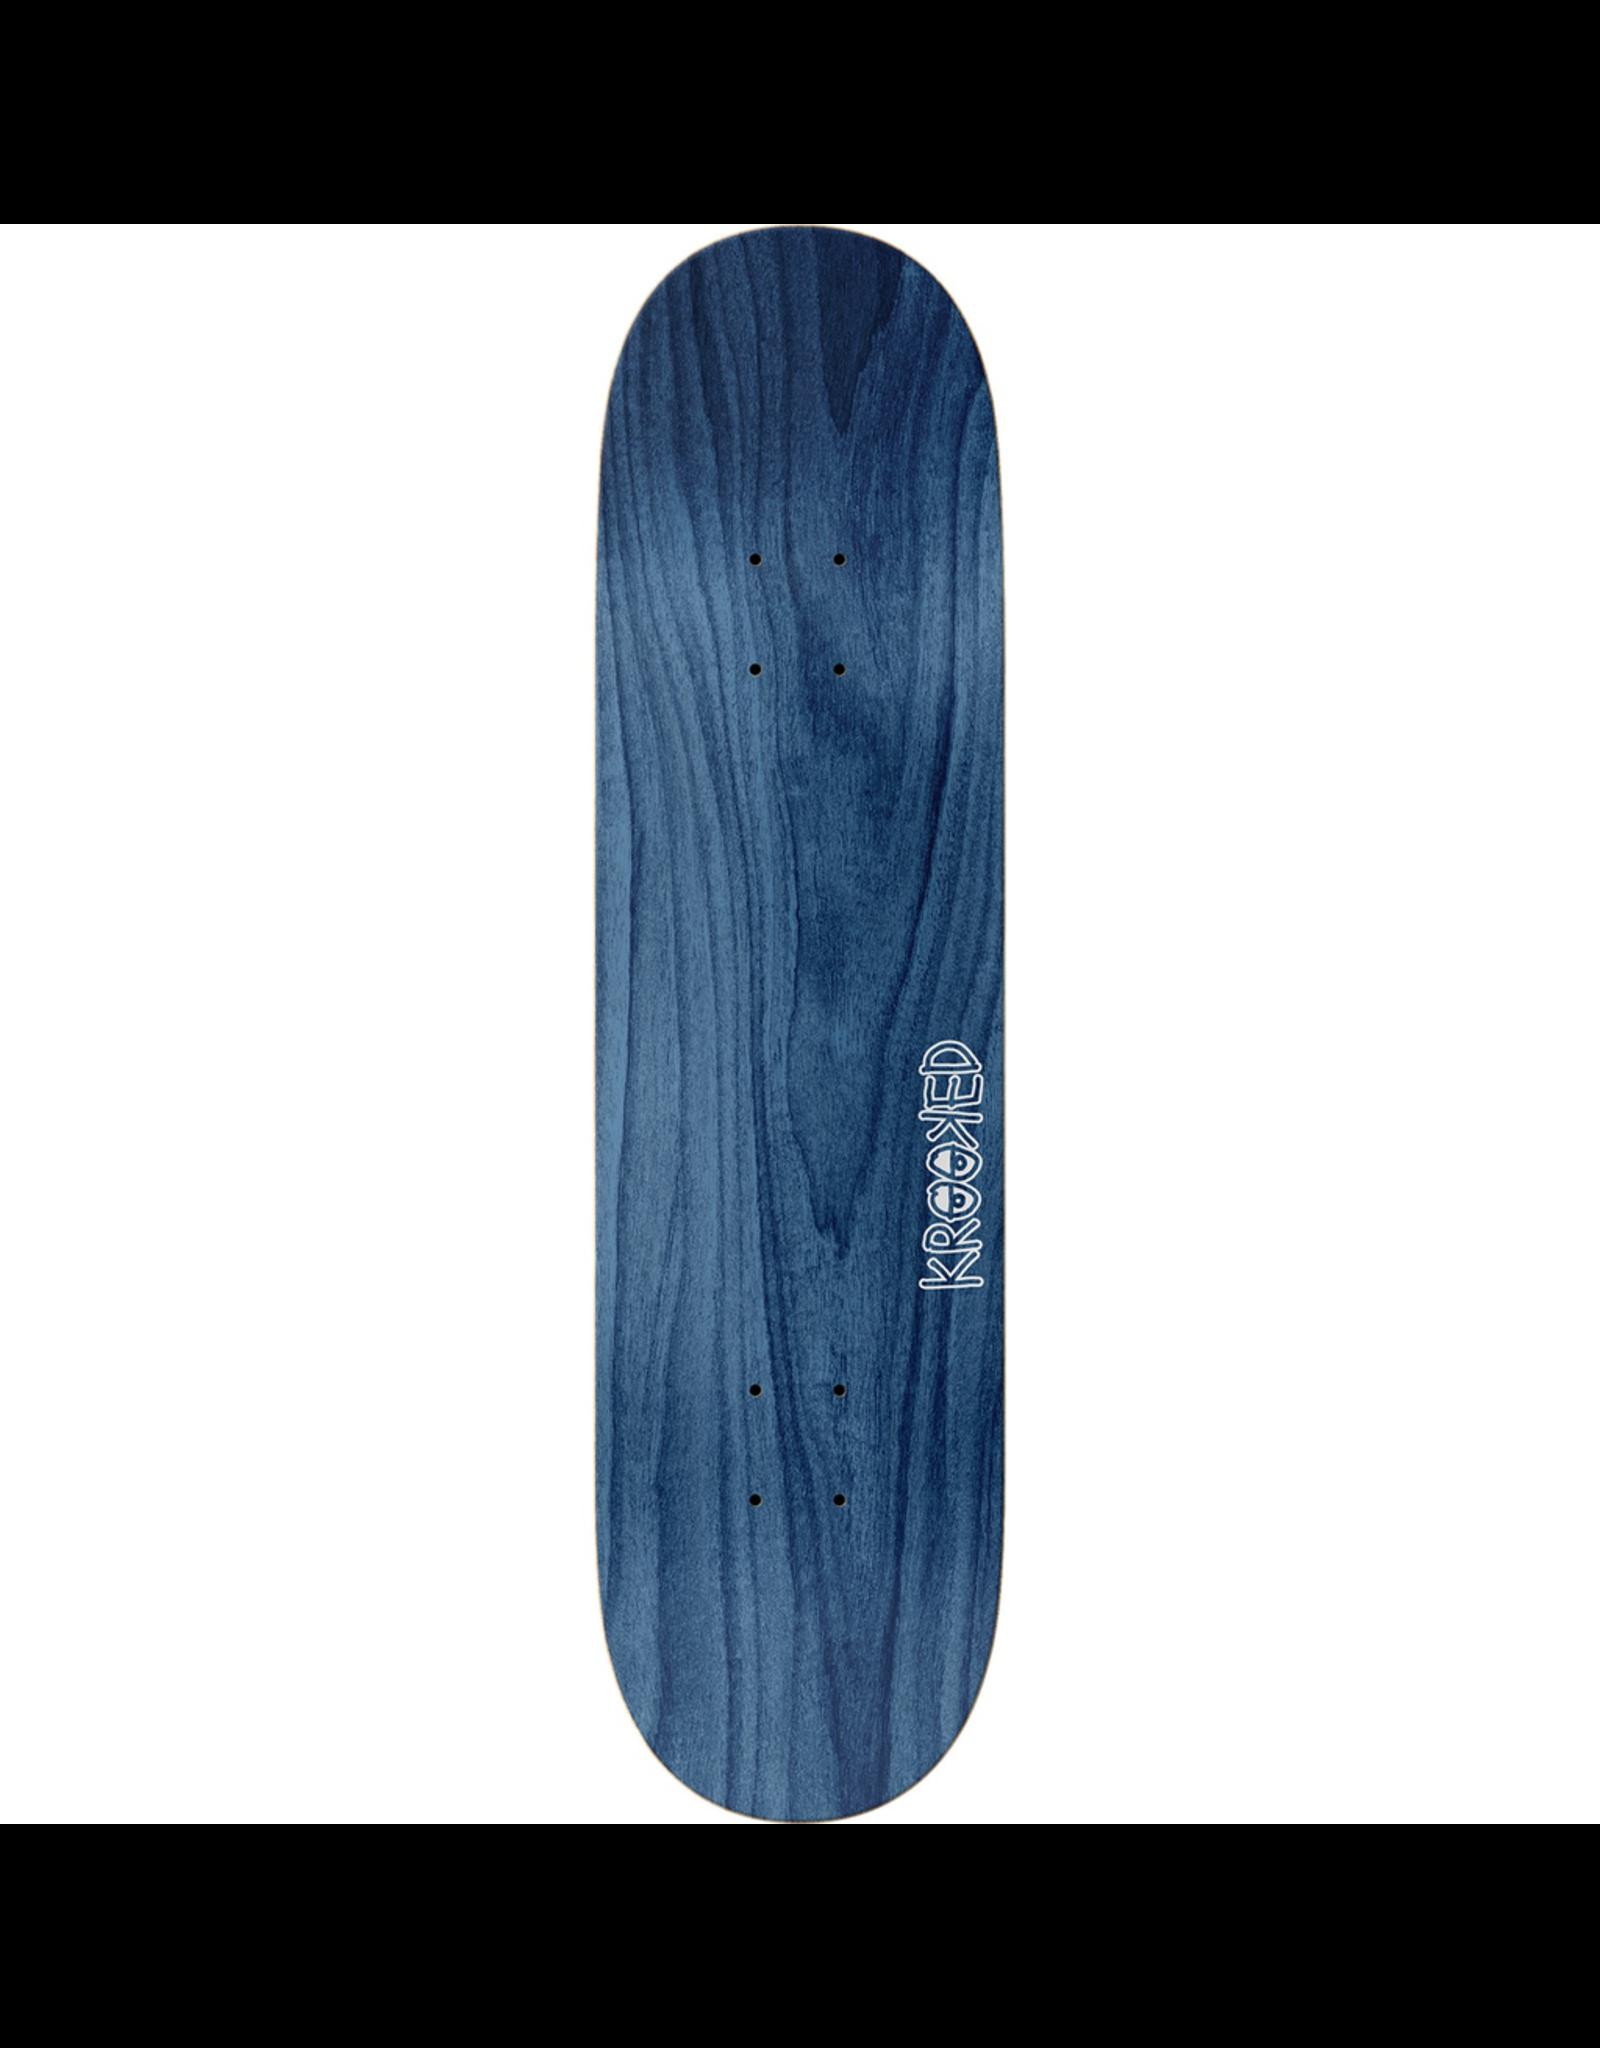 """KROOKED Krooked Skateboards Sebo Walker Posse Skateboard Deck - 8.38"""" x 32.45"""""""